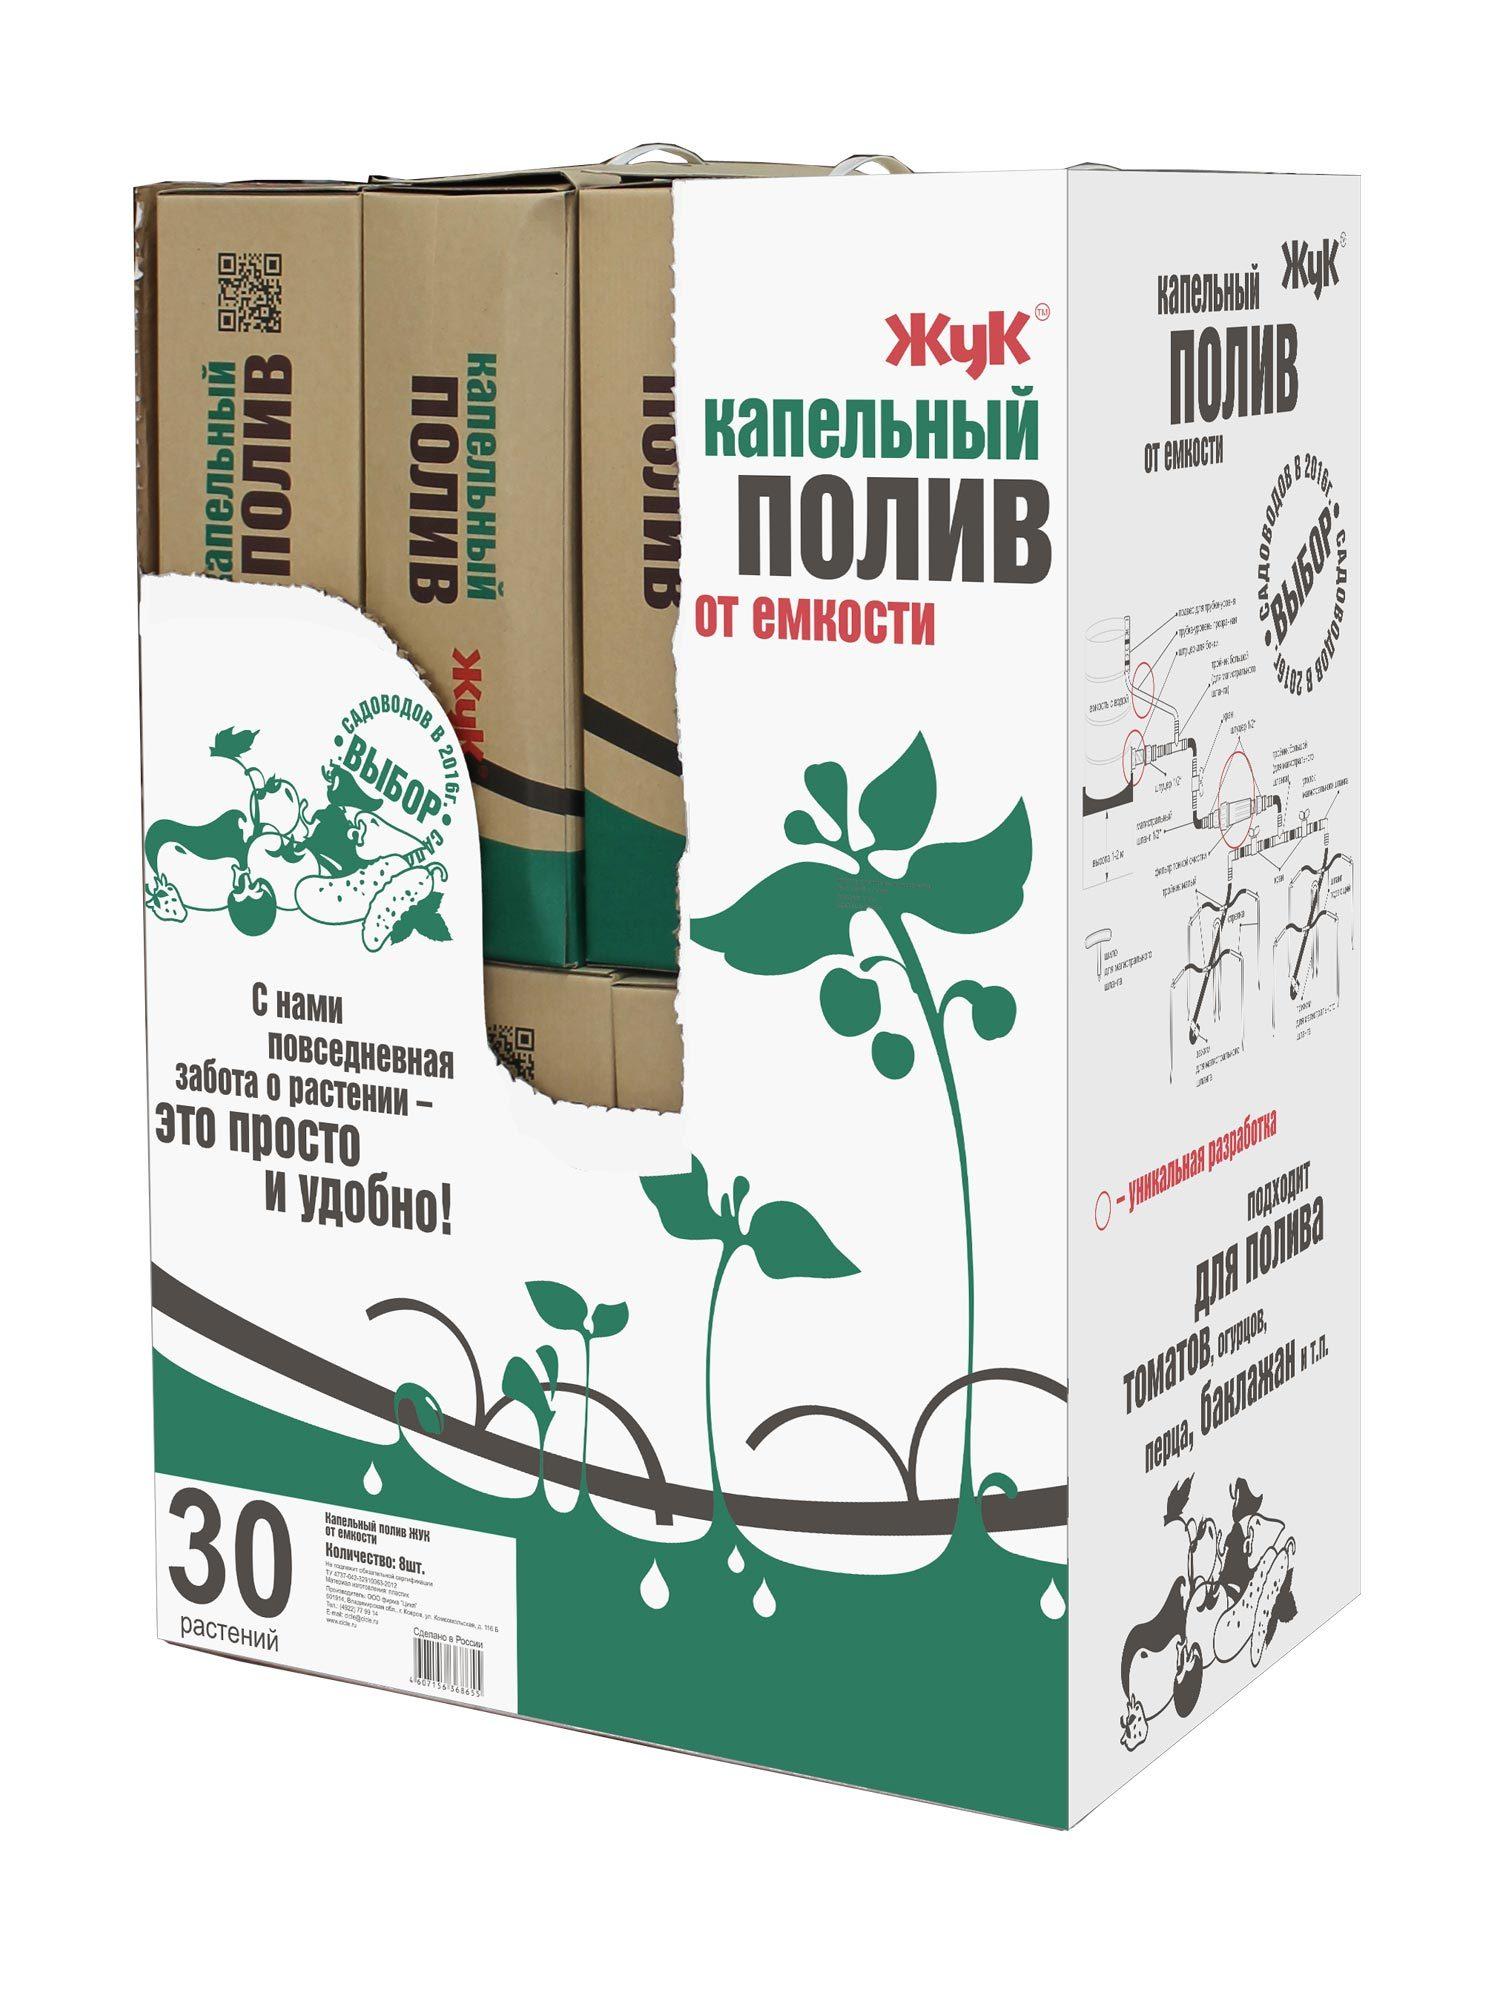 """Комплект для капельного полива """"ЖУК"""" на 30 растений от емкости"""